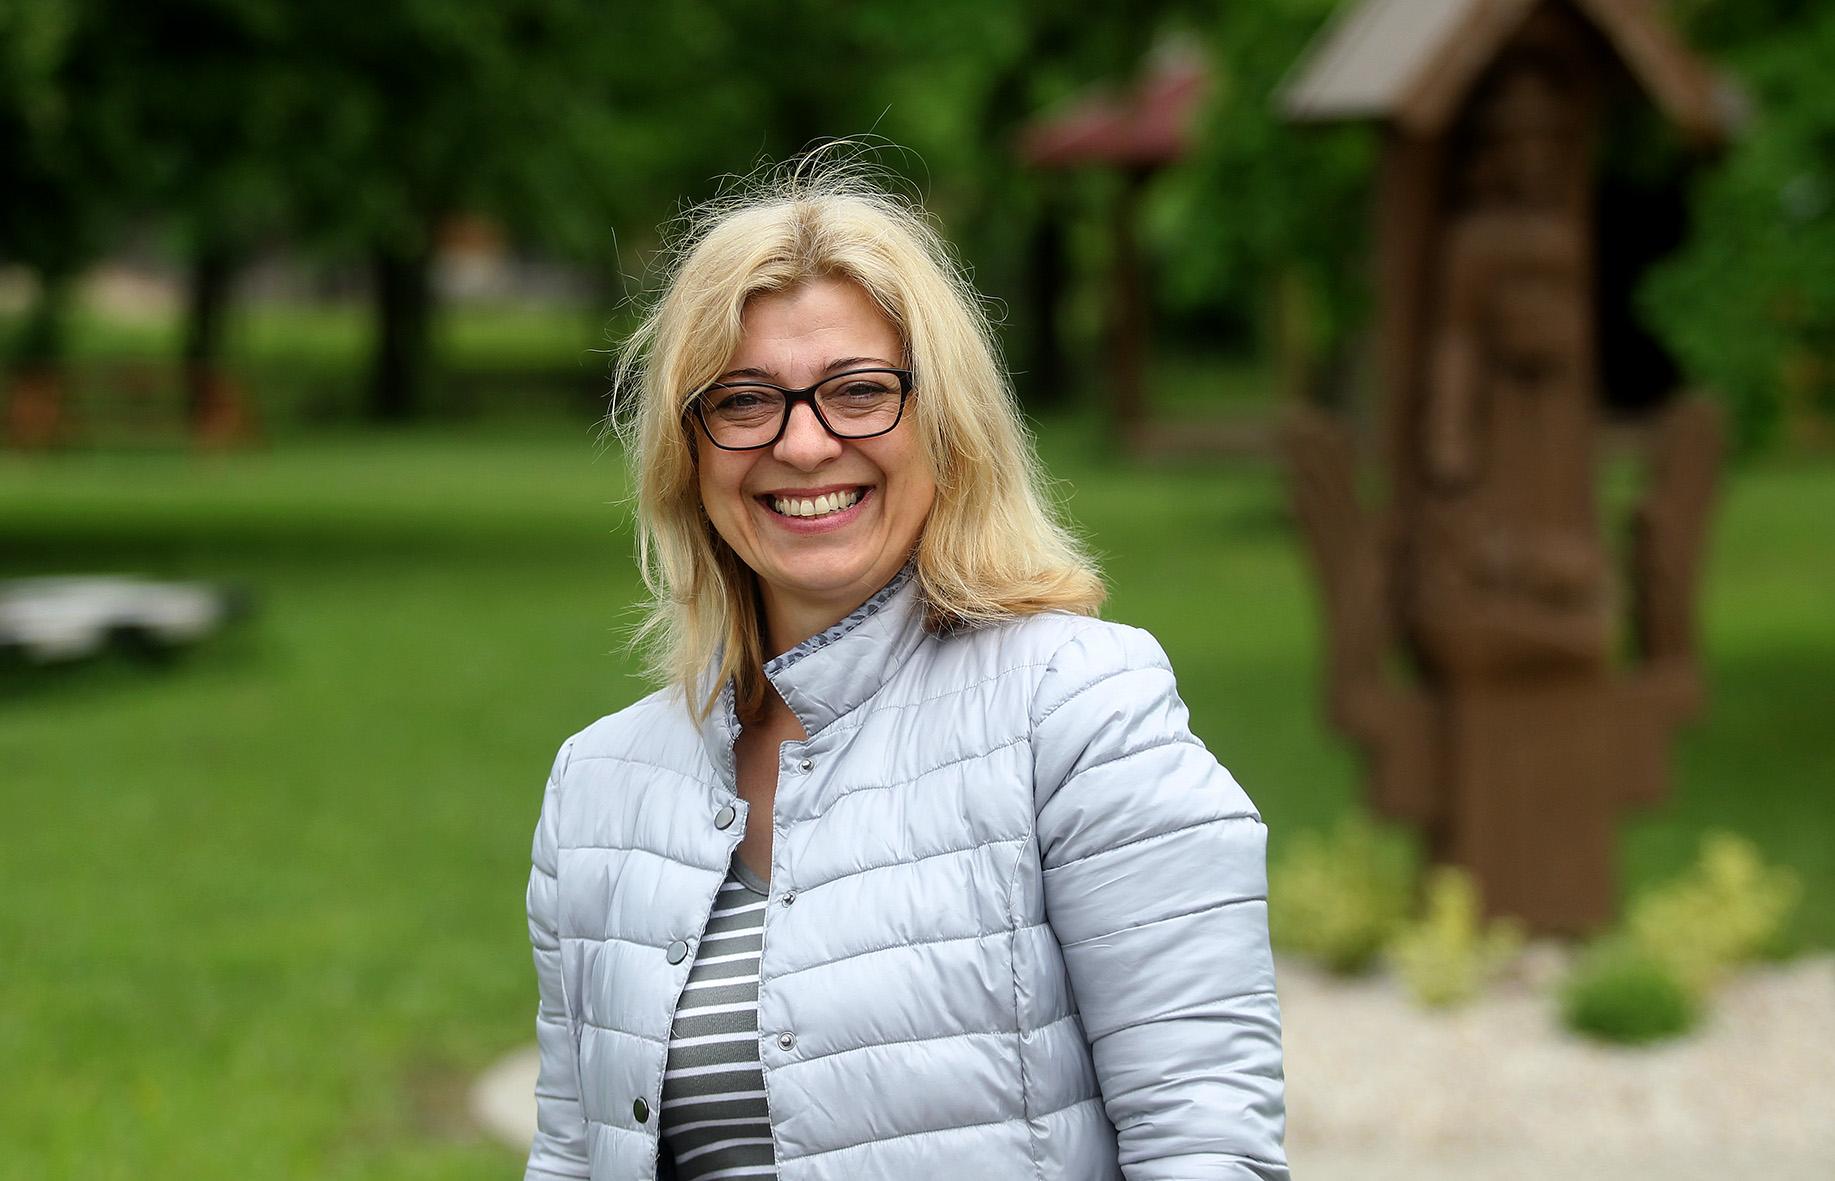 Kunionių kaimo bendruomenės centro pirmininkė Vilma Fedosiukienė sako, jog bendruomenės svajonės, kad nenaudojami pastatai bus ir vėl reikalingi, panašu, išsipildys./ Algimanto Barzdžiaus nuotr.